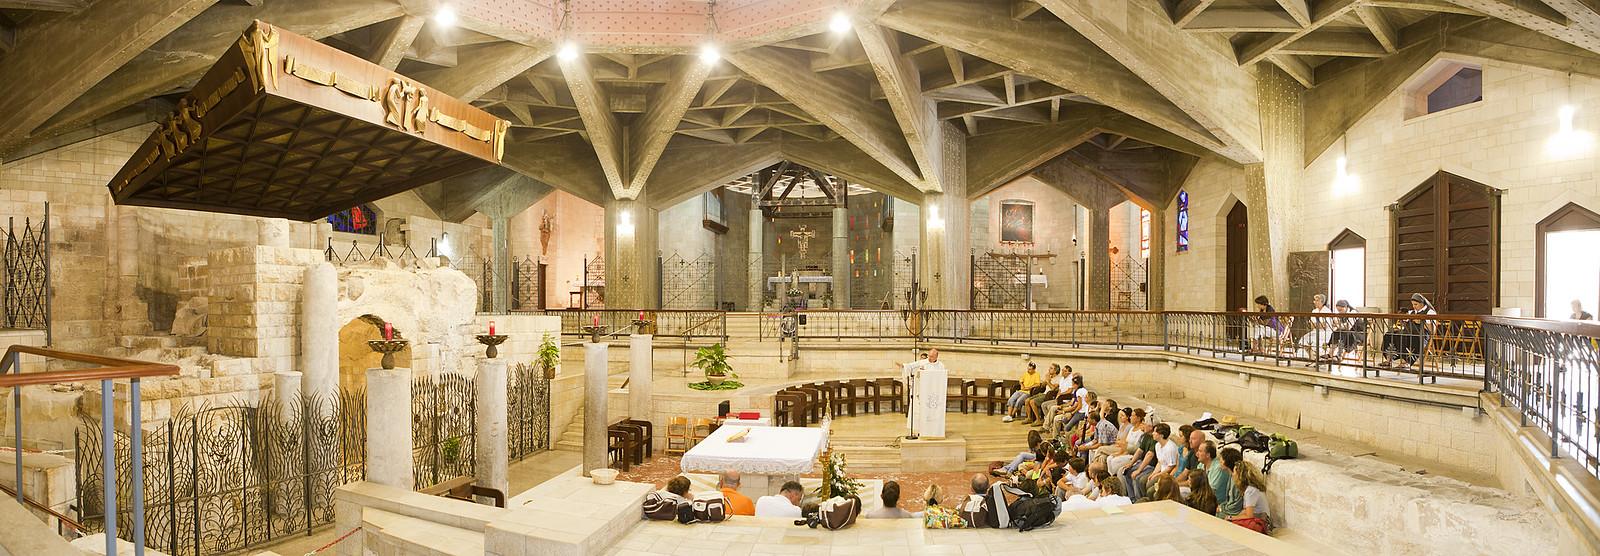 Nazareth_Basilica of the Annunciation_5_Mordagan_IMOT